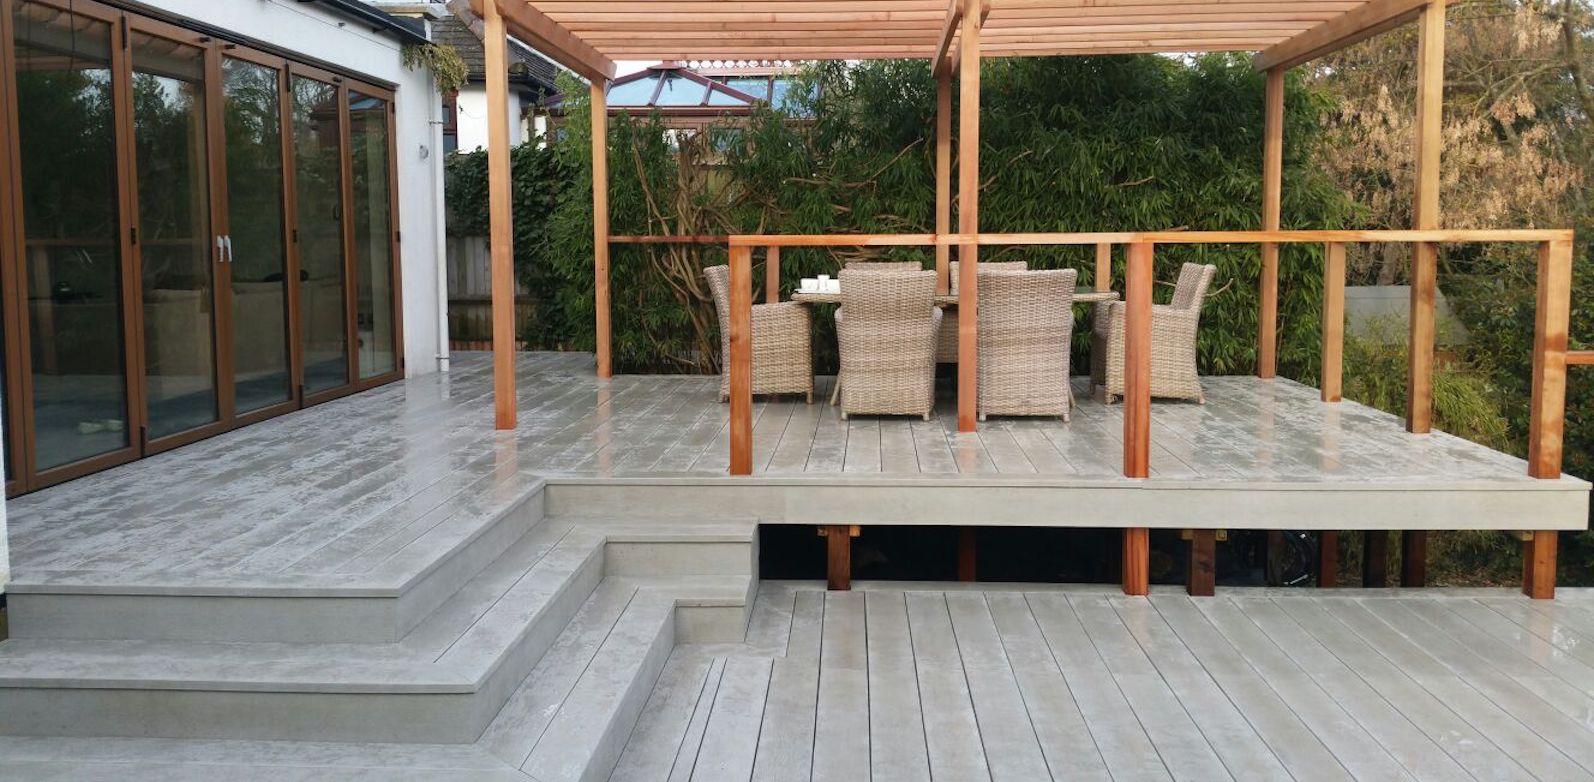 Millboard composite deck